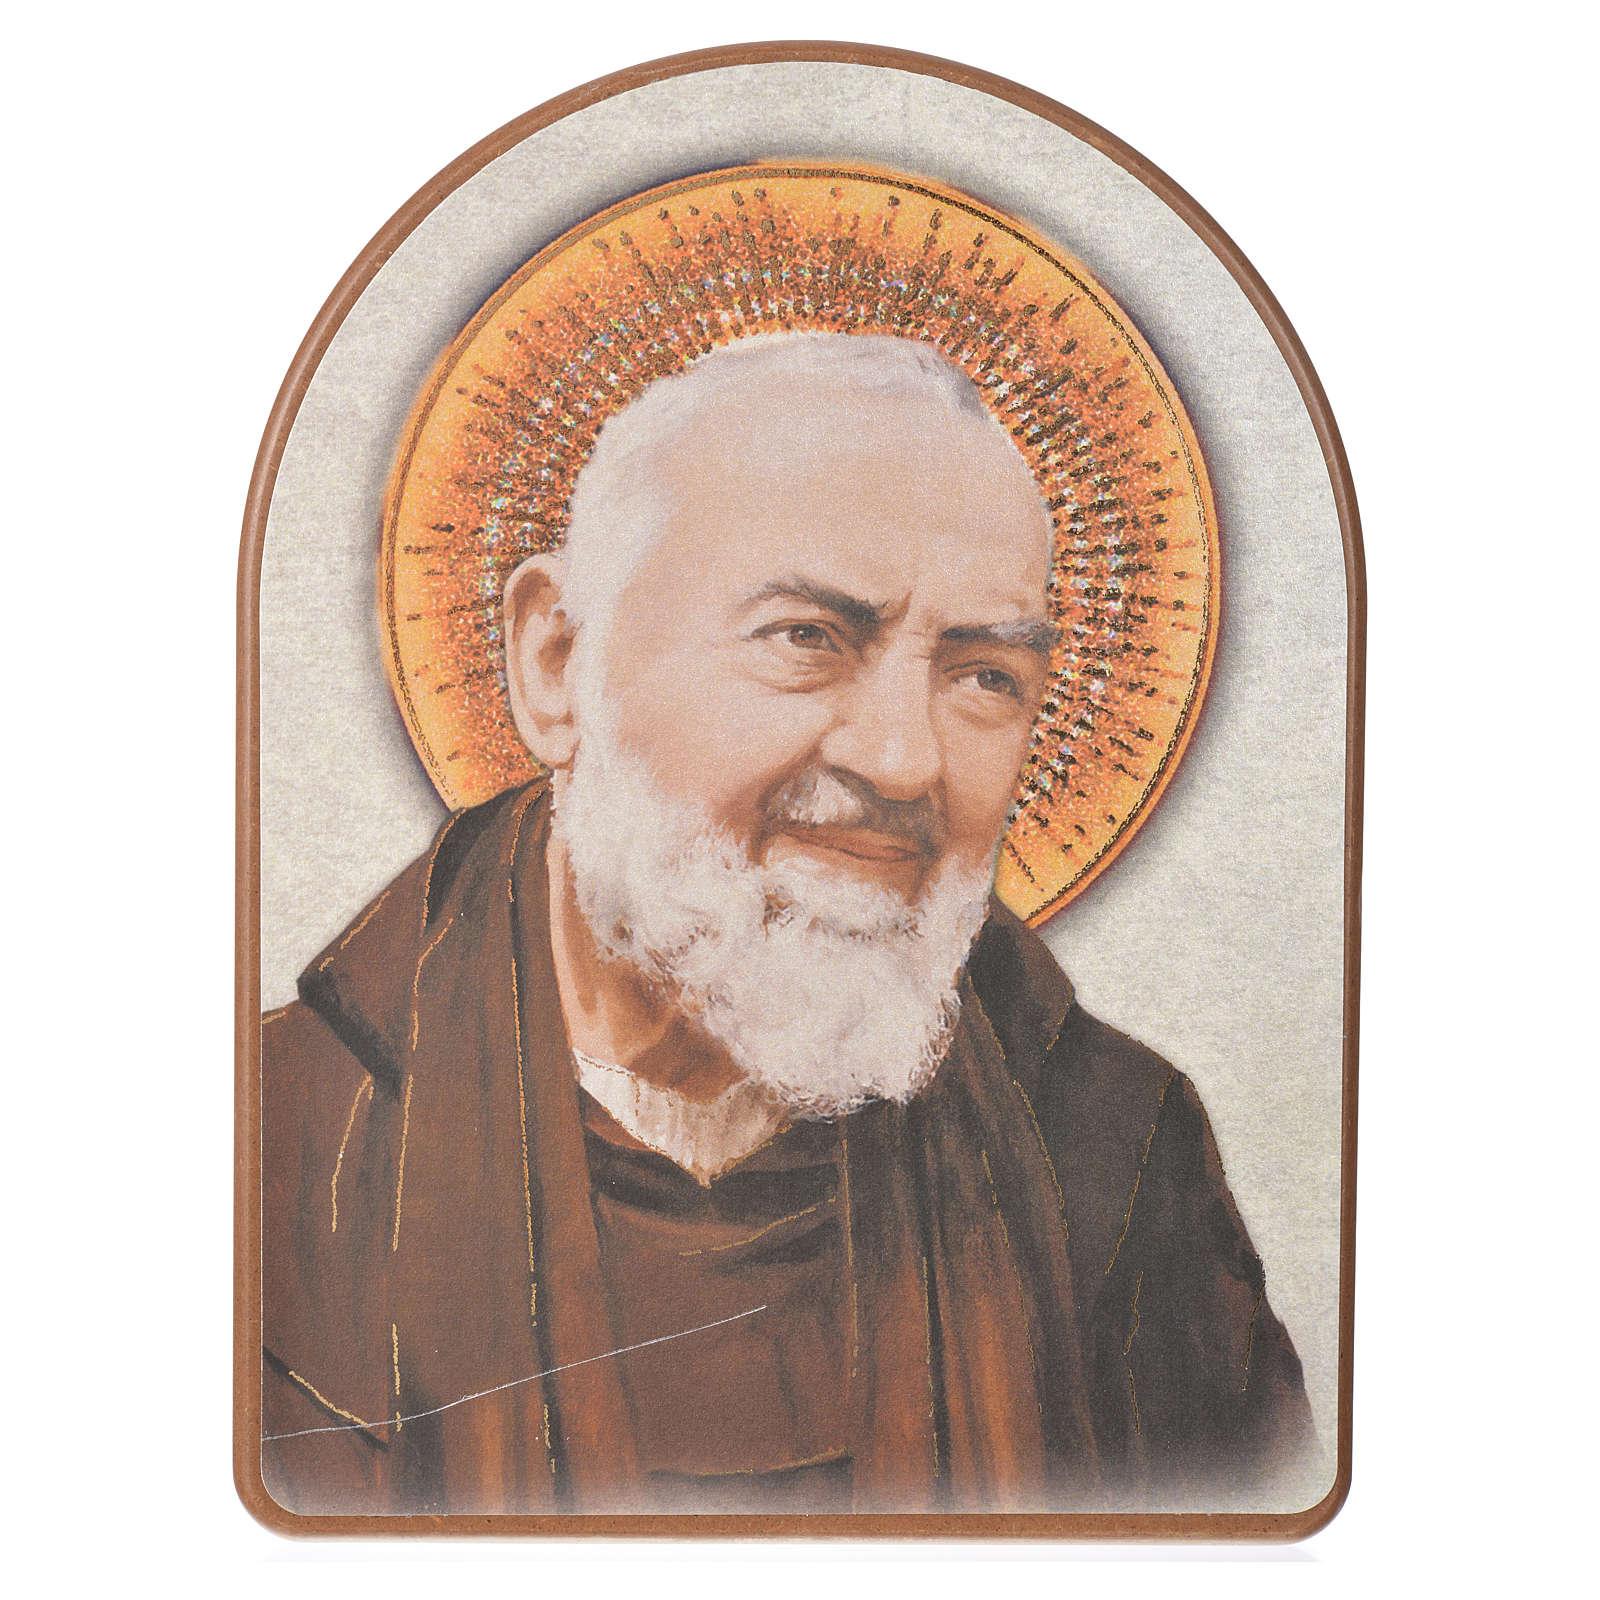 Impression sur bois 15x20 cm Saint Pio 3